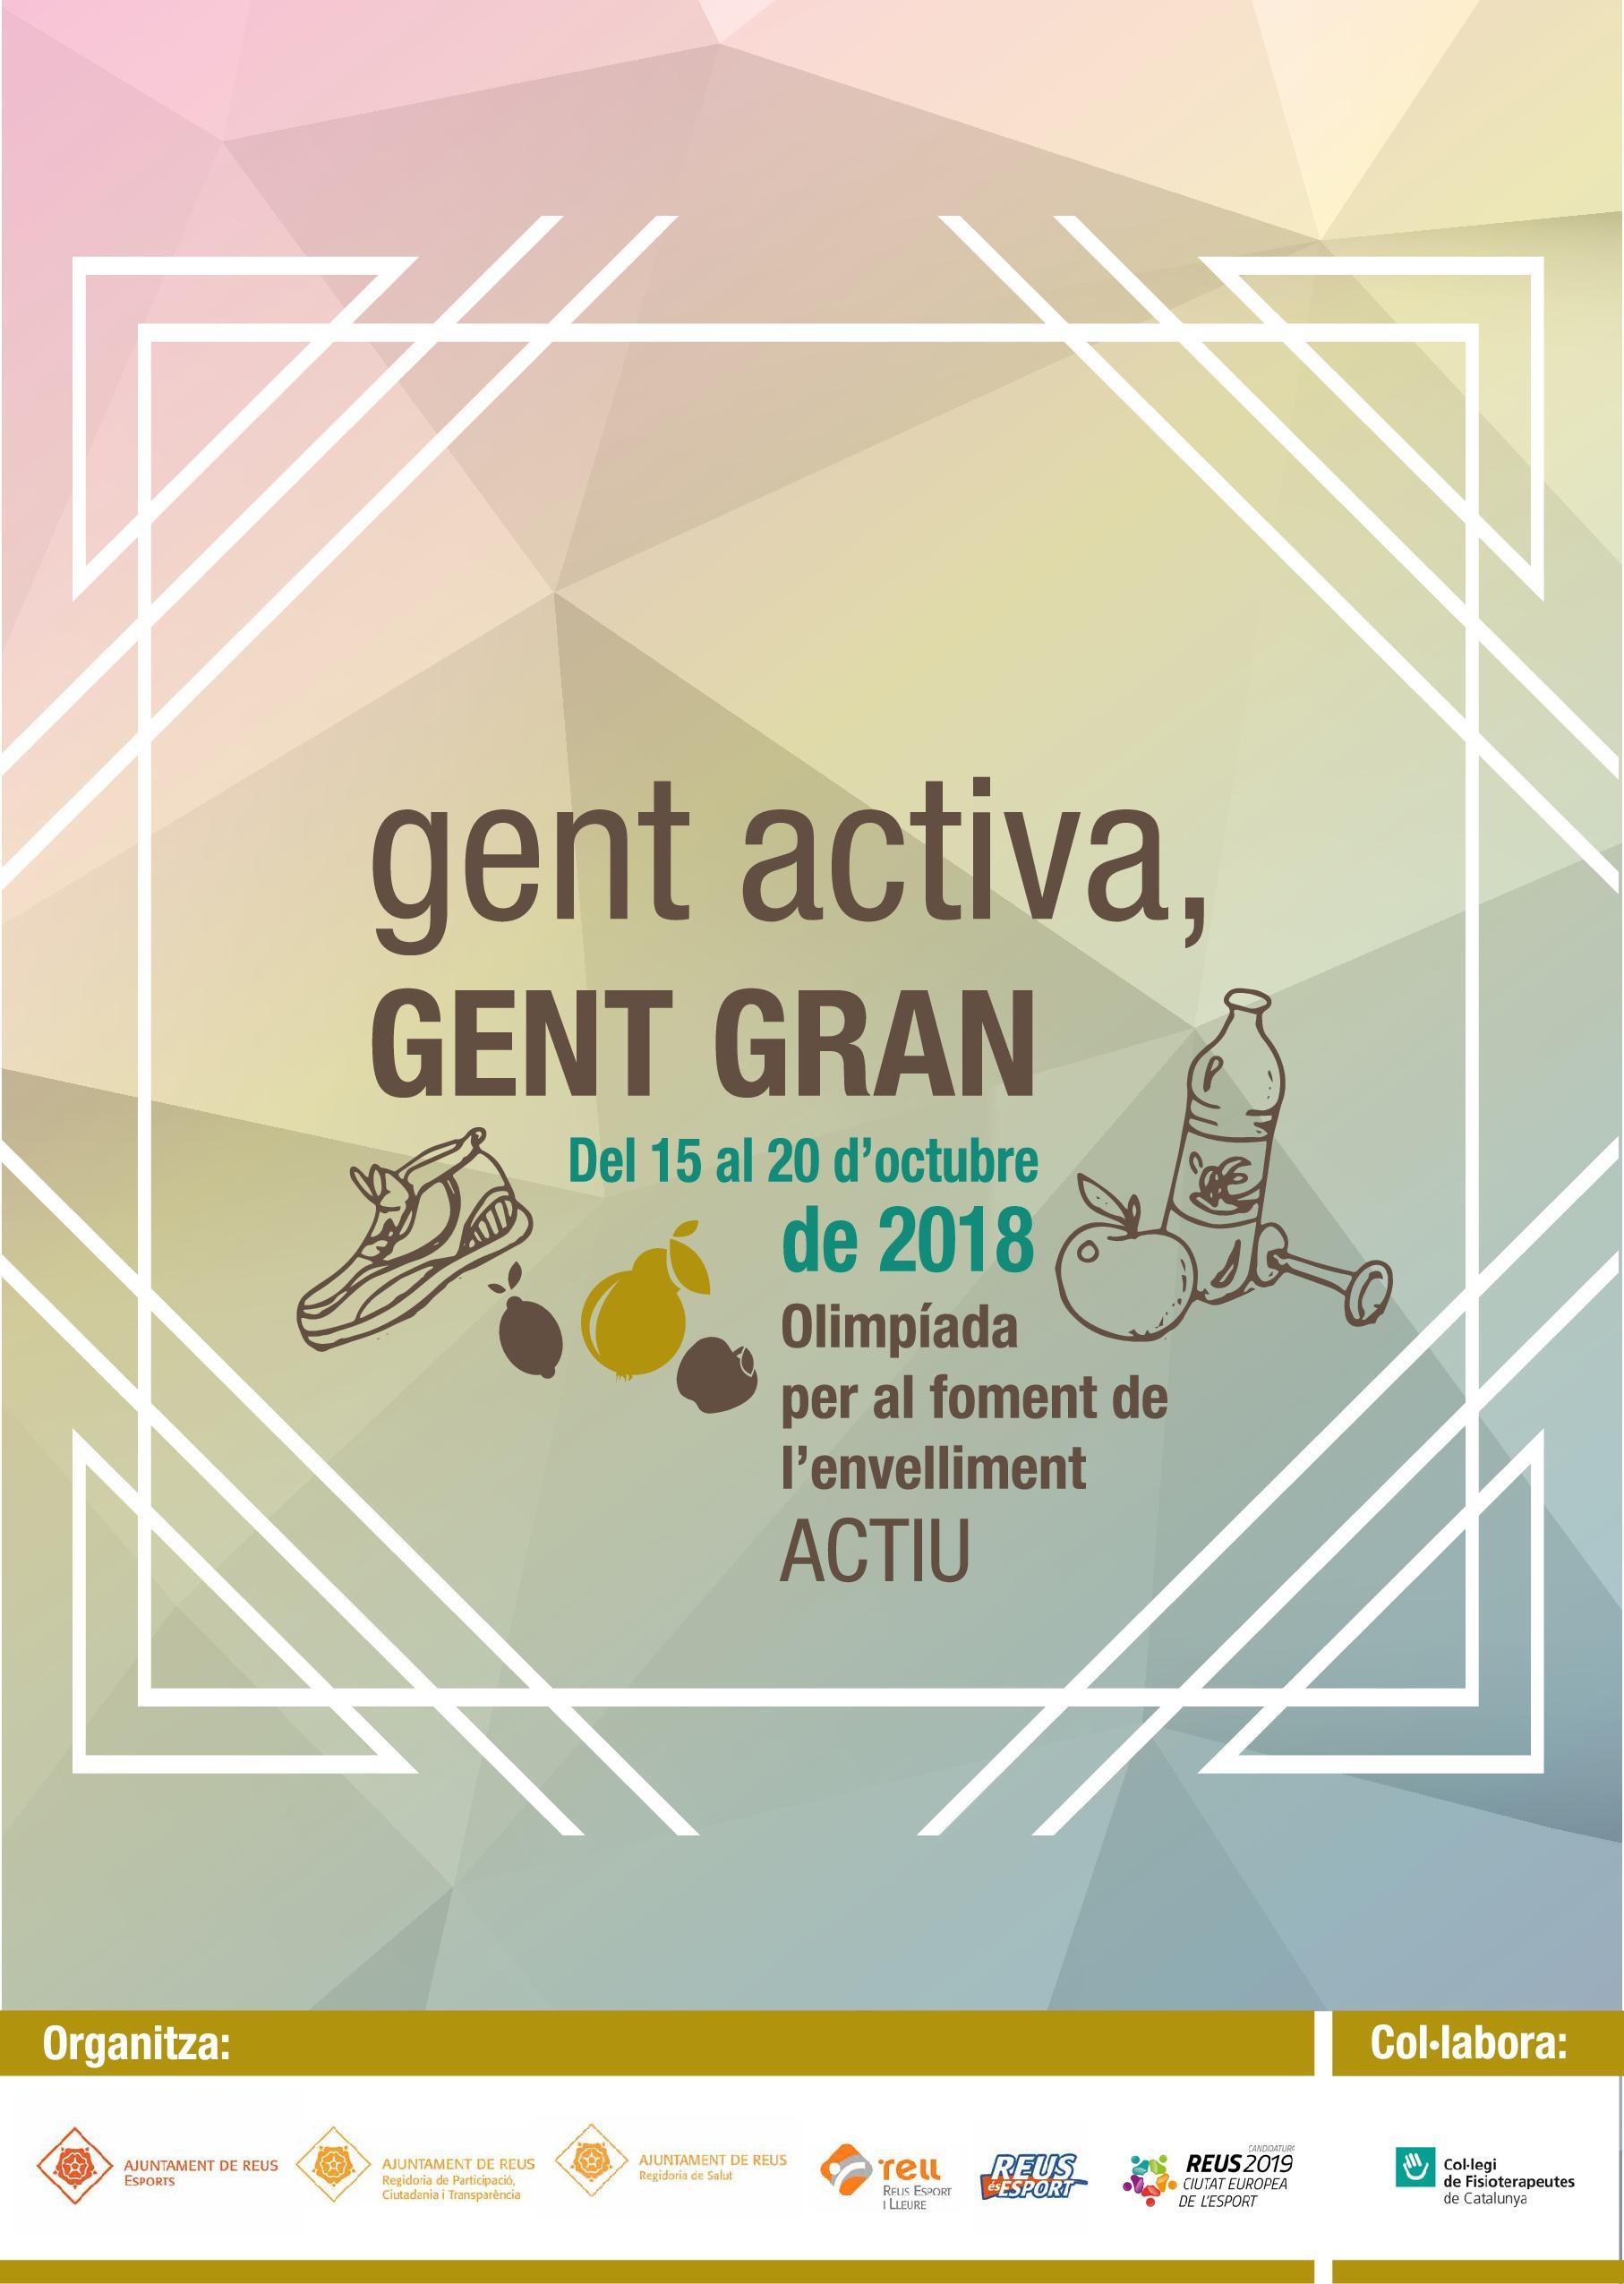 gent activa, GENT GRAN